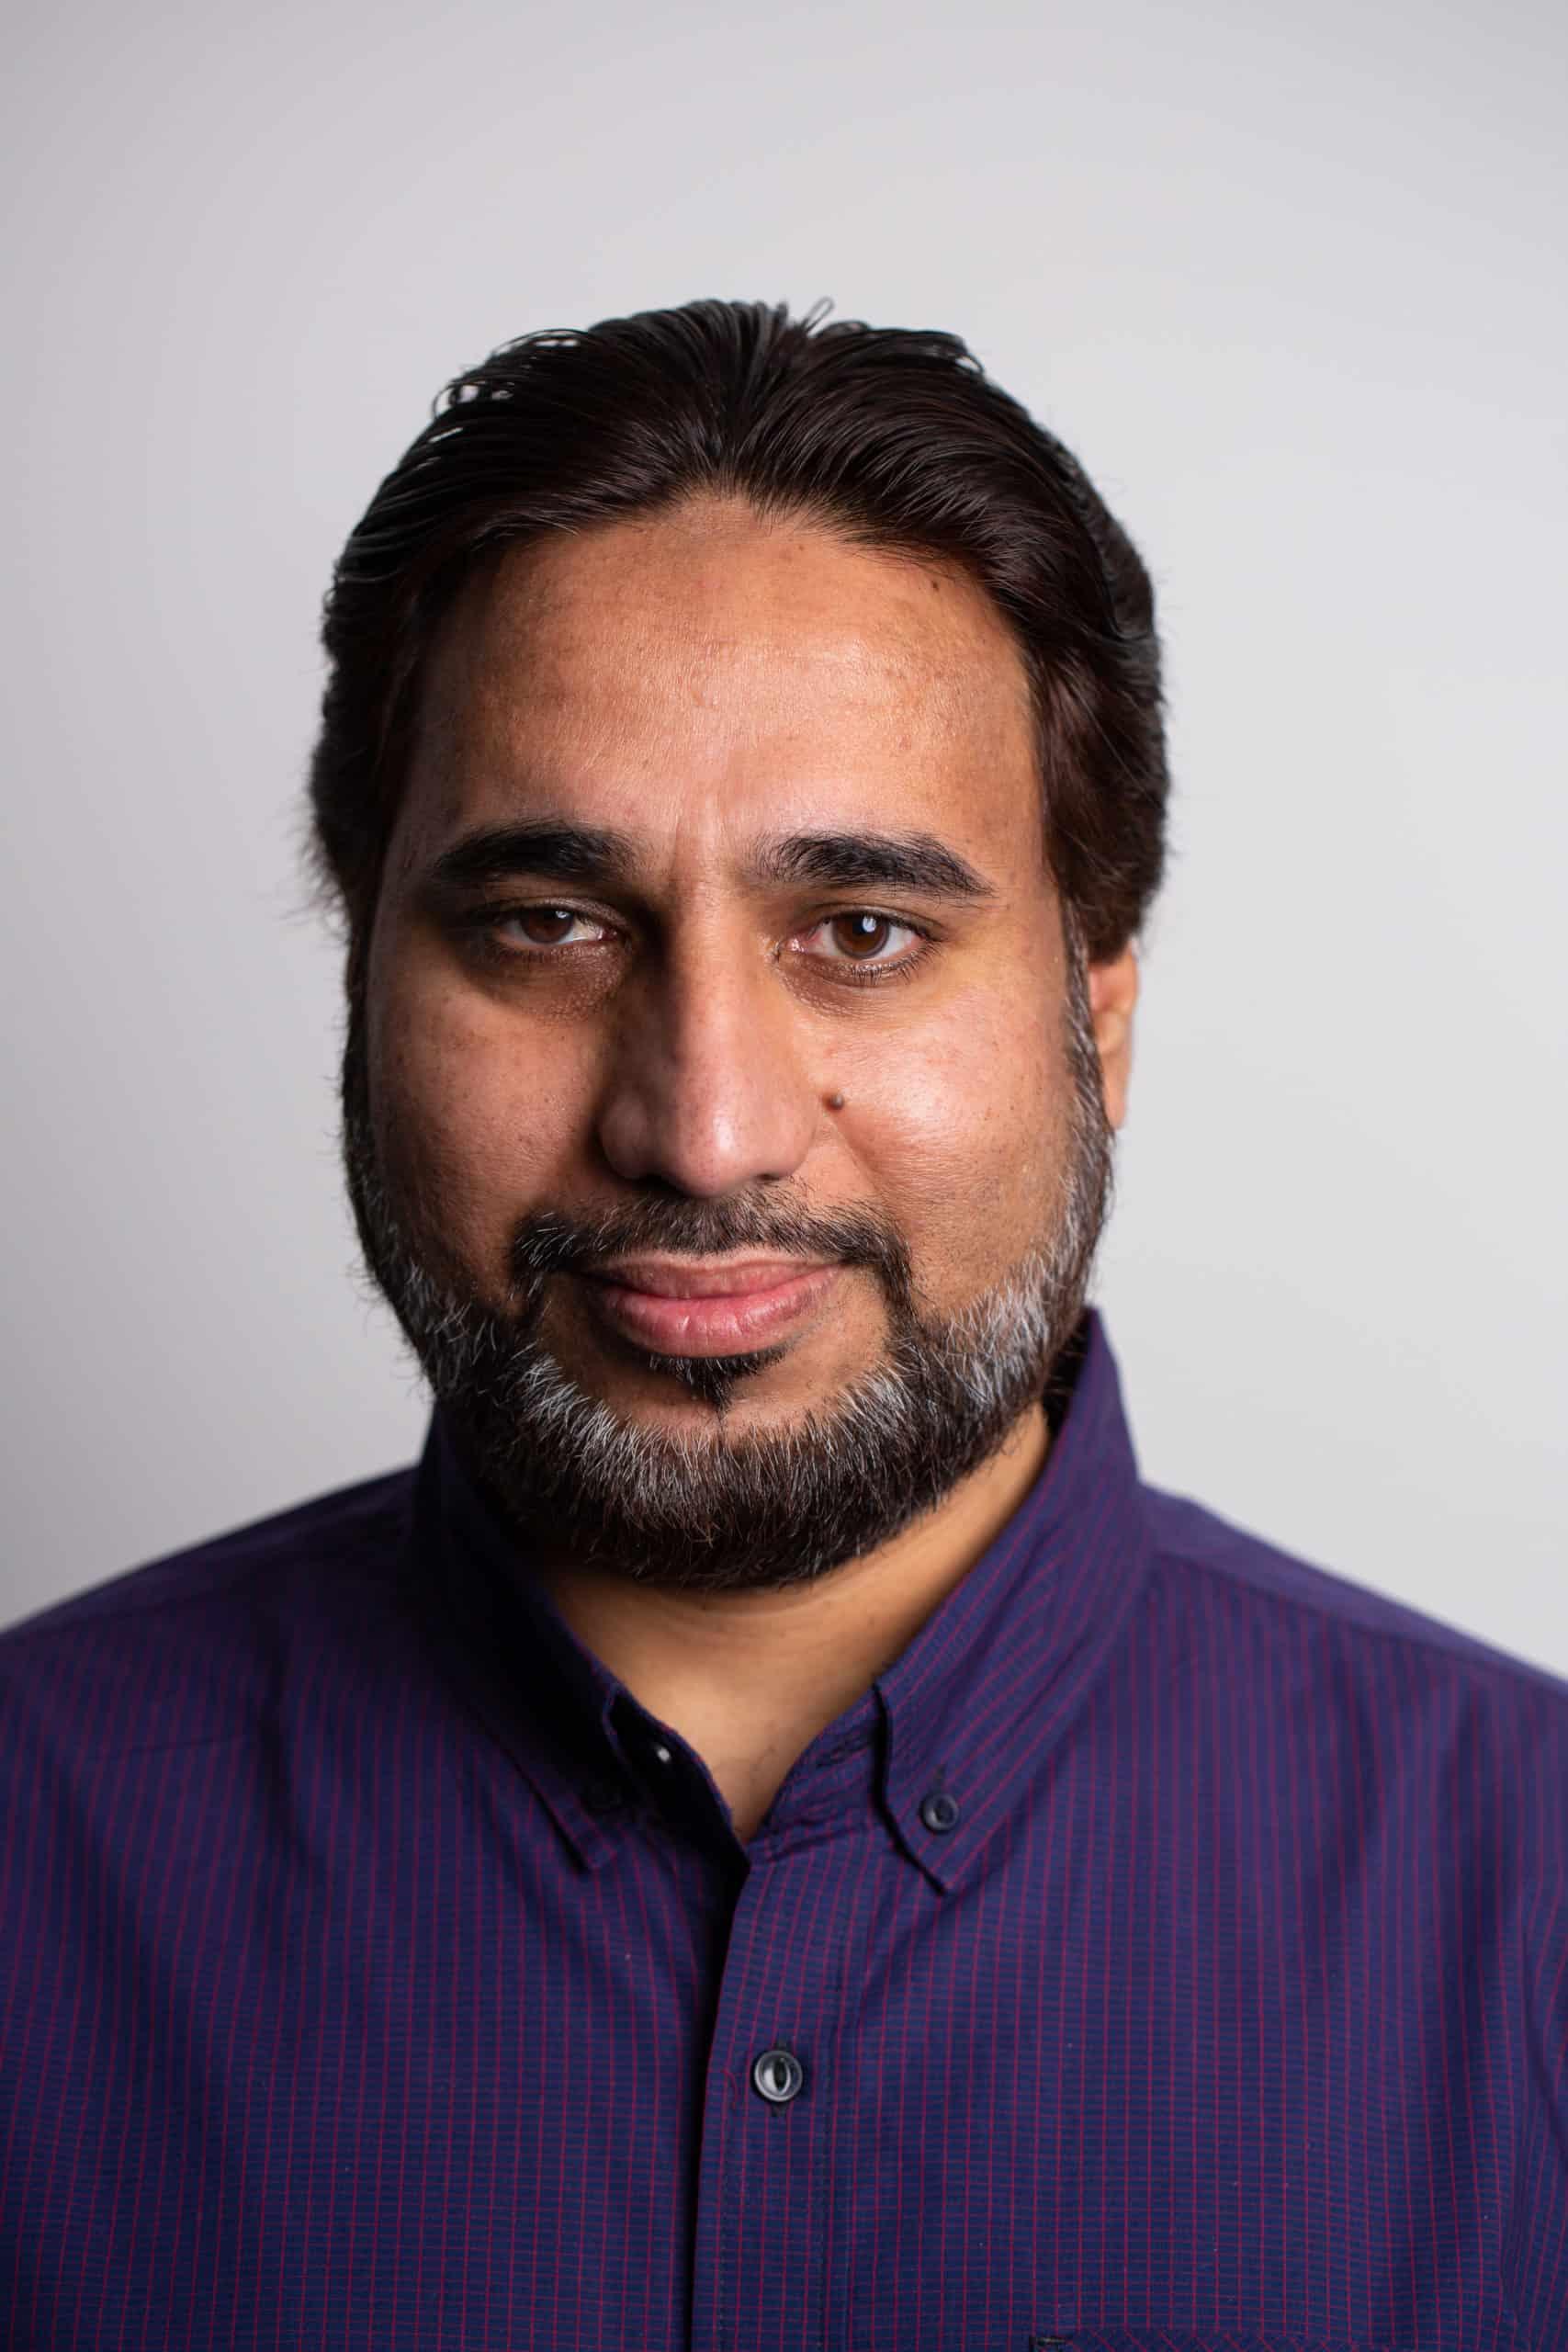 Headshot of Rizwan Ashiq